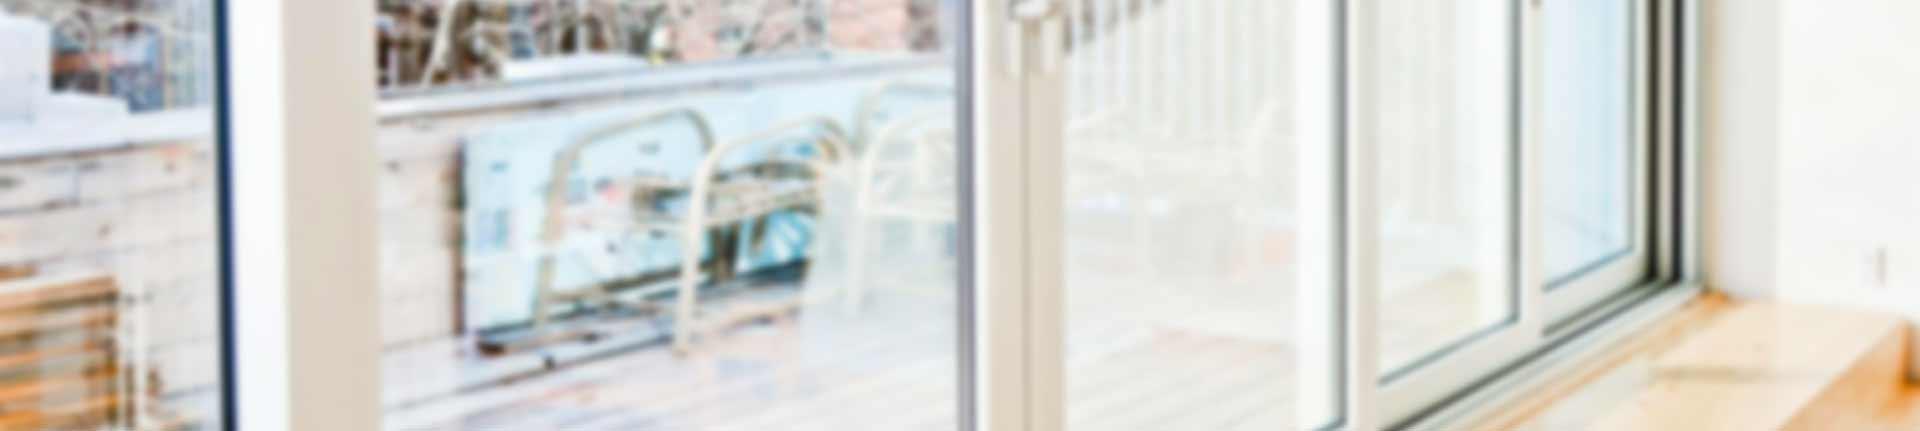 porte, finestre, serramenti